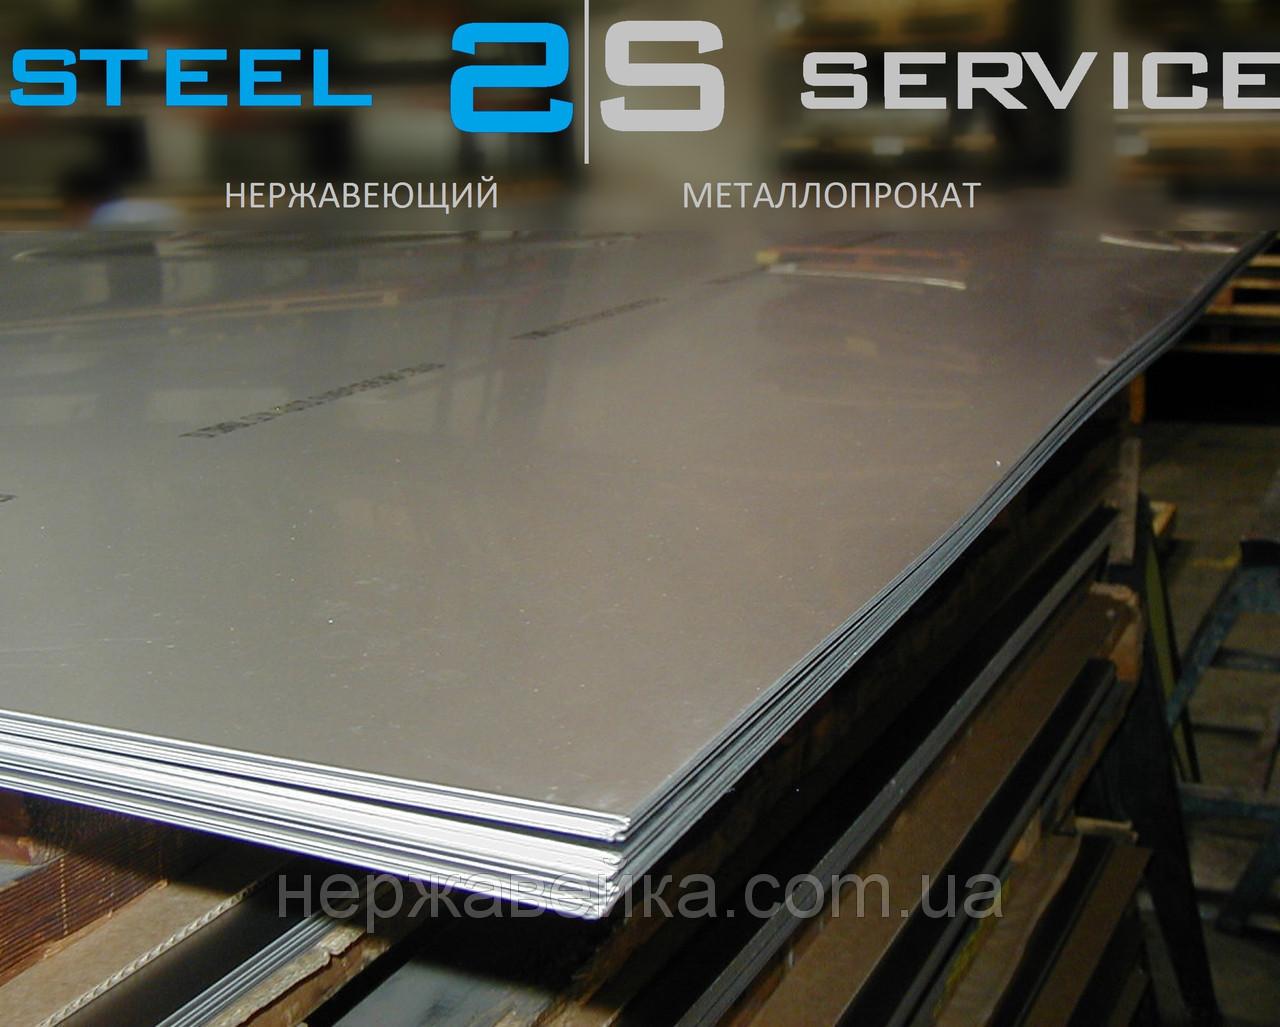 Листовая нержавейка 0,5х1250х2500мм AISI 430(12Х17) 4N - шлифованный, технический